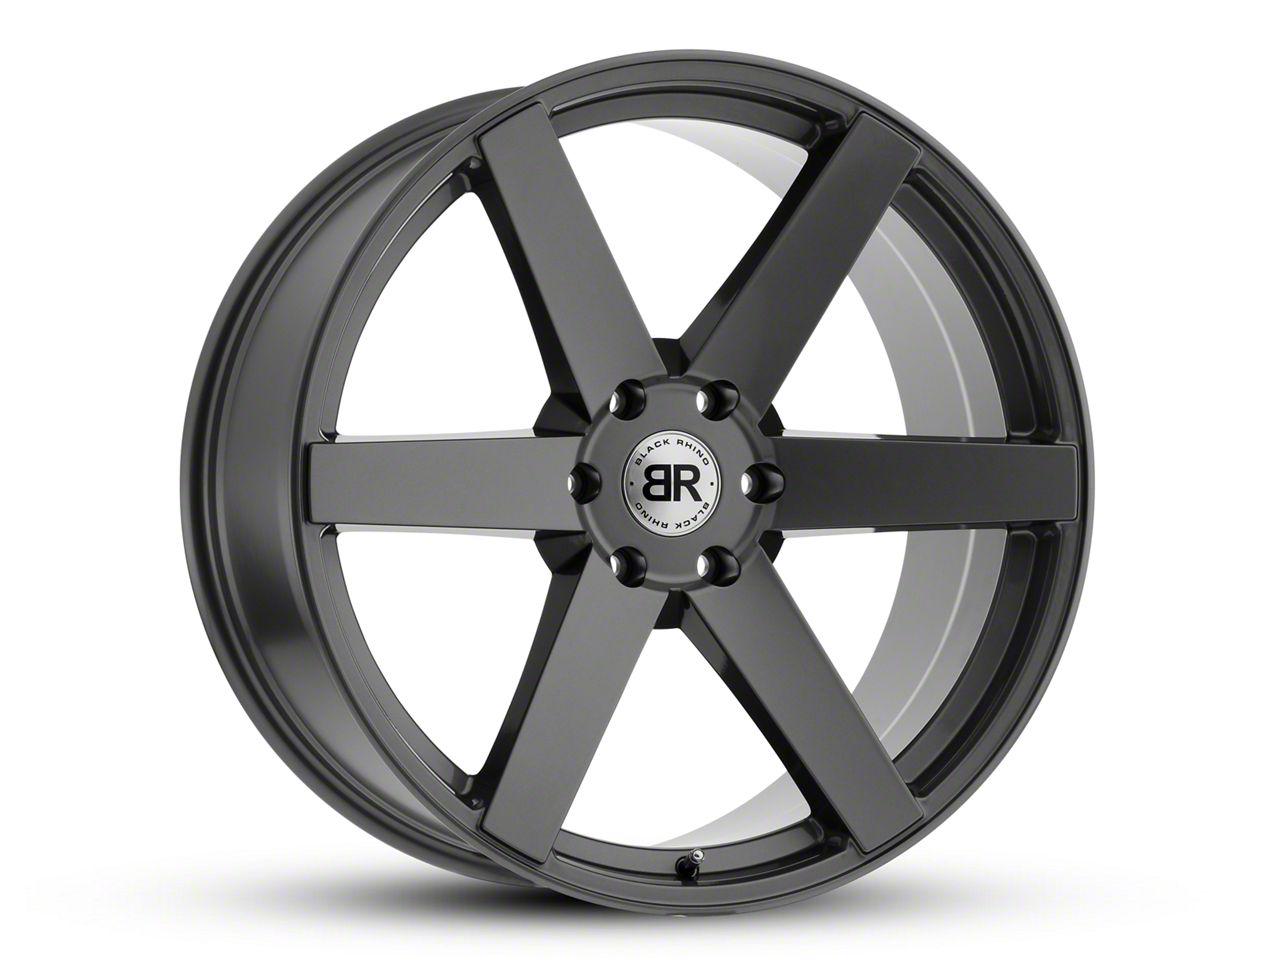 Black Rhino Karoo Gloss Gunmetal 6-Lug Wheel - 20x9.5 (99-18 Silverado 1500)